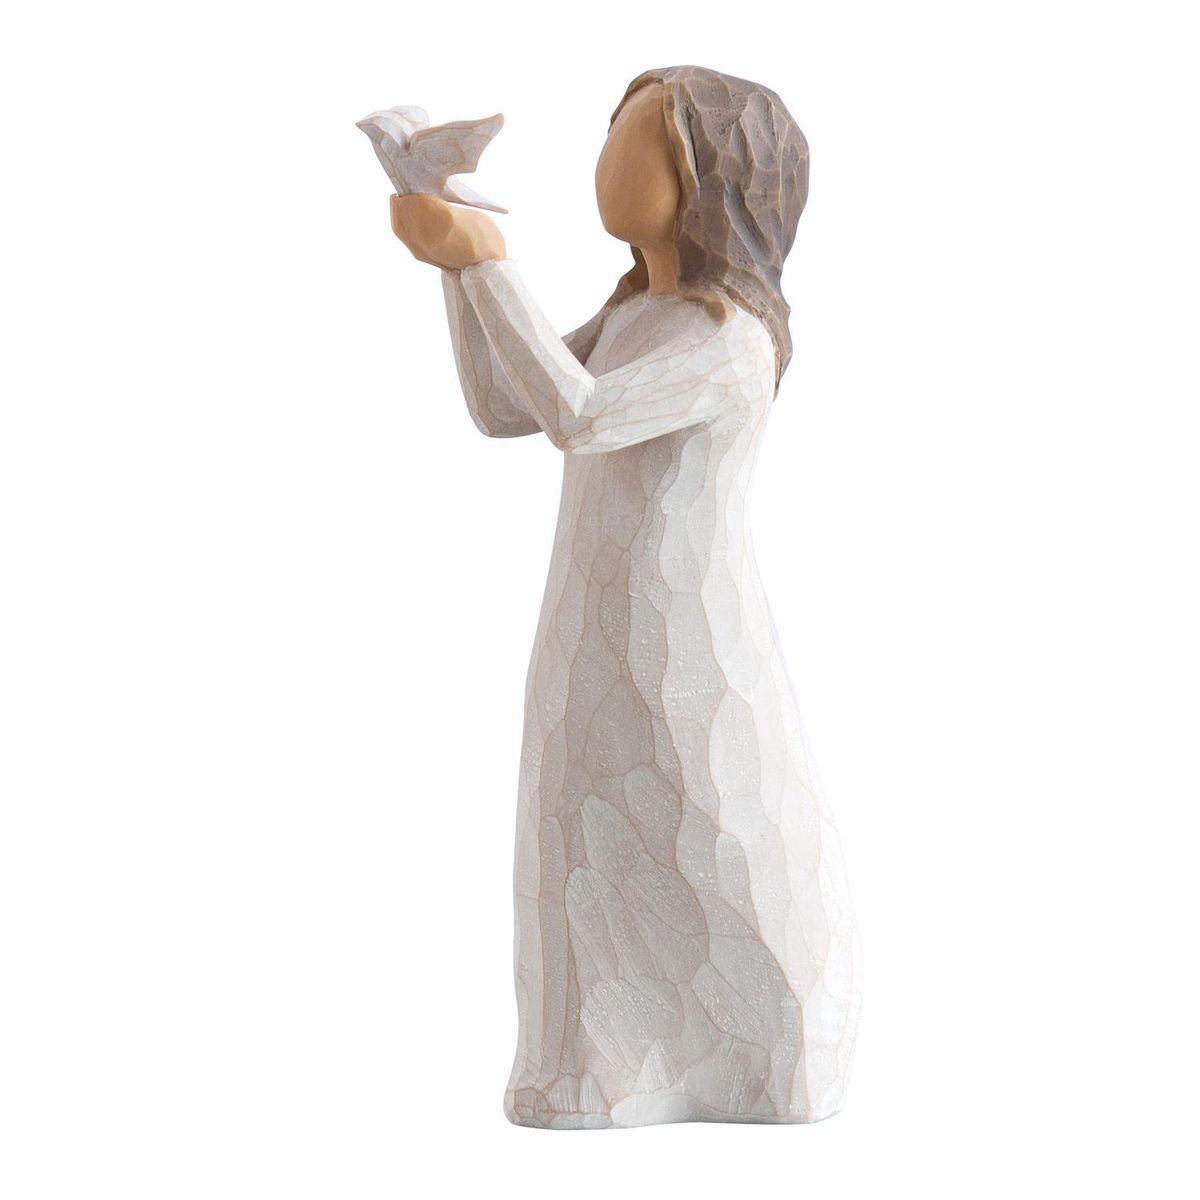 Фигурка декоративная Willow Tree Воспарить, высота 10 см27173Декоративная фигурка Willow Tree создана канадским скульптором Сьюзан Лорди. Фигурка выполнена из искусственного камня (49% карбонат кальция мелкозернистой разновидности, 51% искусственный камень).Фигурка Willow Tree – это настоящее произведение искусства, образная скульптура в миниатюре, изображающая эмоции и чувства, которые помогают чувствовать себя ближе к другим, верить в мечту, выражать любовь.Фигурка помещена в красивую упаковку.Купить такой оригинальный подарок, значит не только украсить интерьер помещения или жилой комнаты, но выразить свое глубокое отношение к любимому человеку. Этот прекрасный сувенир будет лучшим подарком на день ангела, именины, день рождения, юбилей.